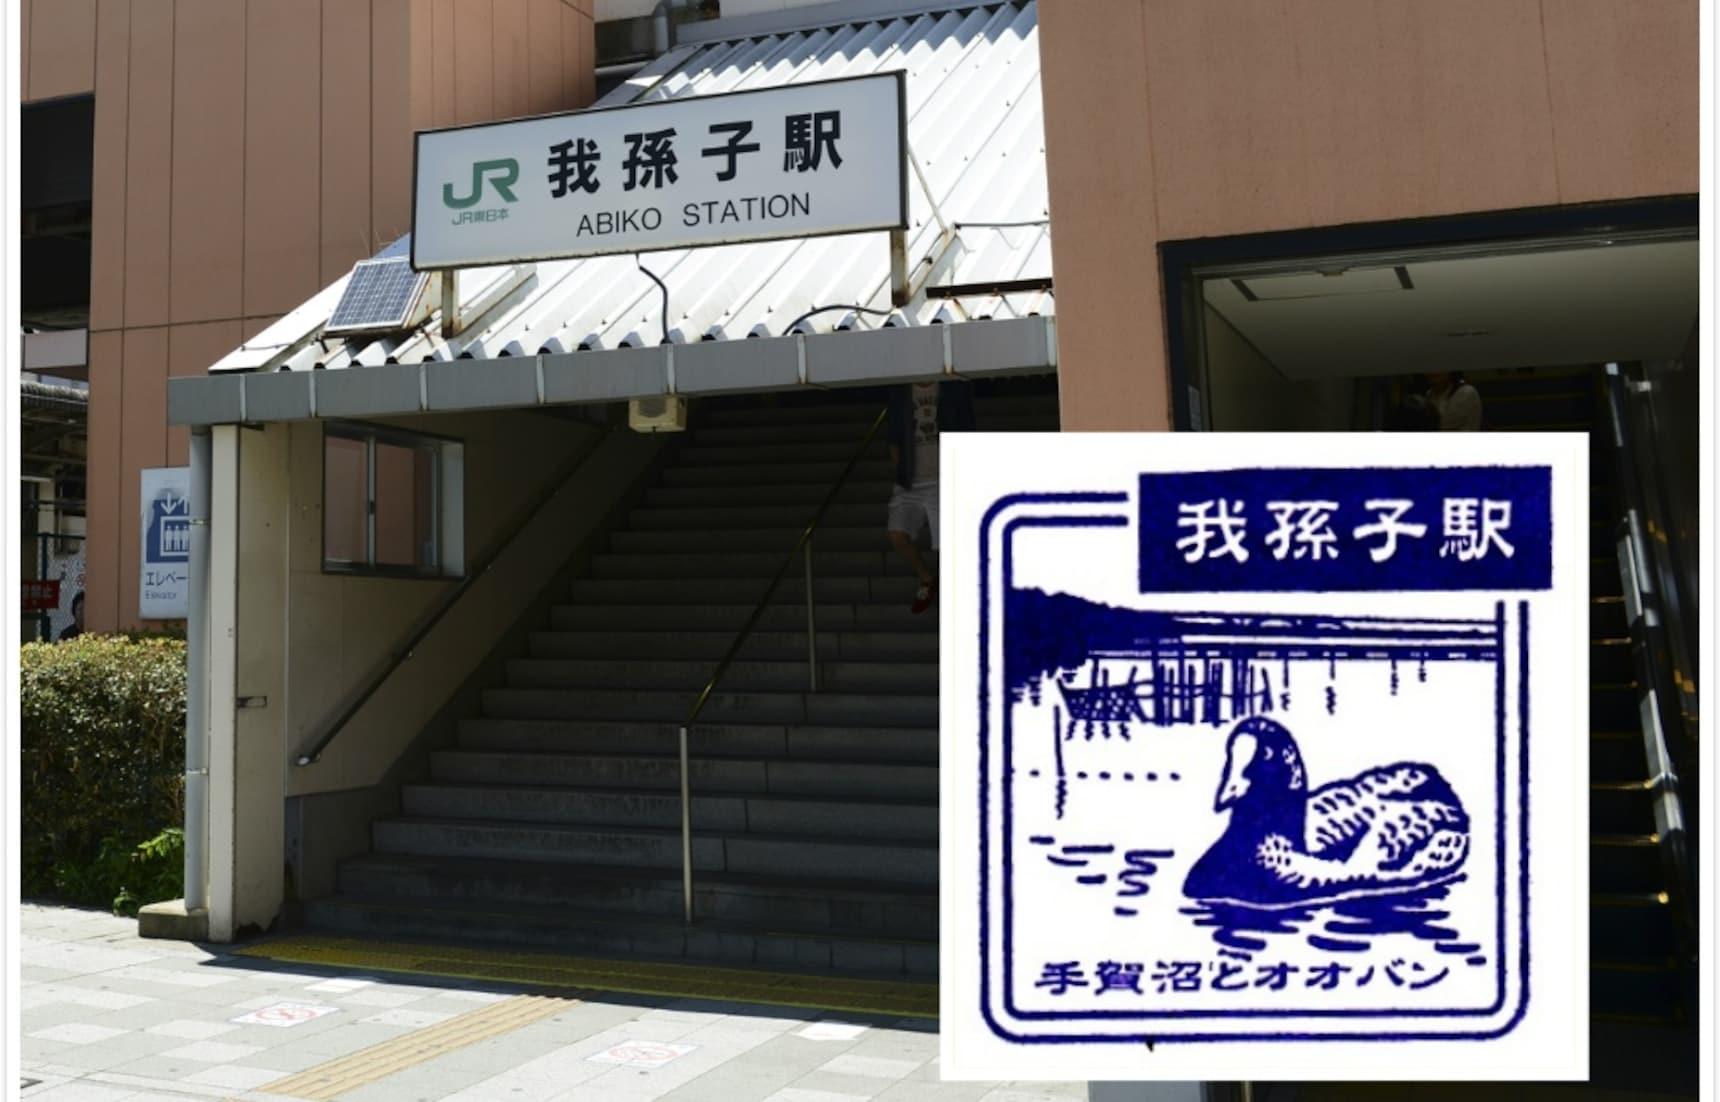 单身旅行总要找点事做,寻找JR东京23区里的77种神秘纪念印章之旅!